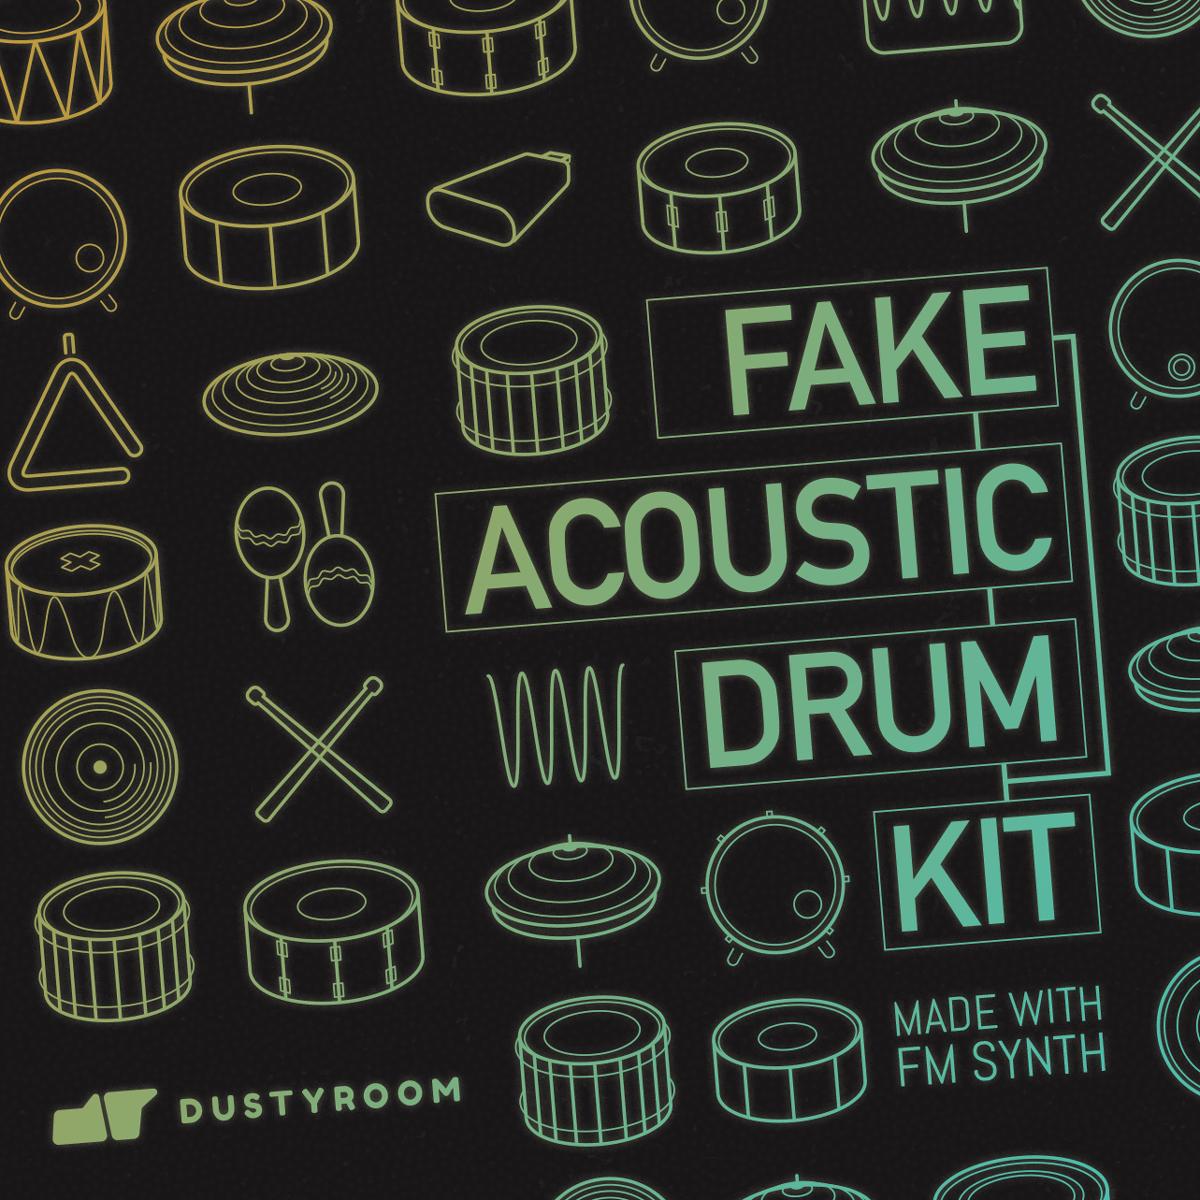 Dustyroom Fake Acoustic Drum Kit